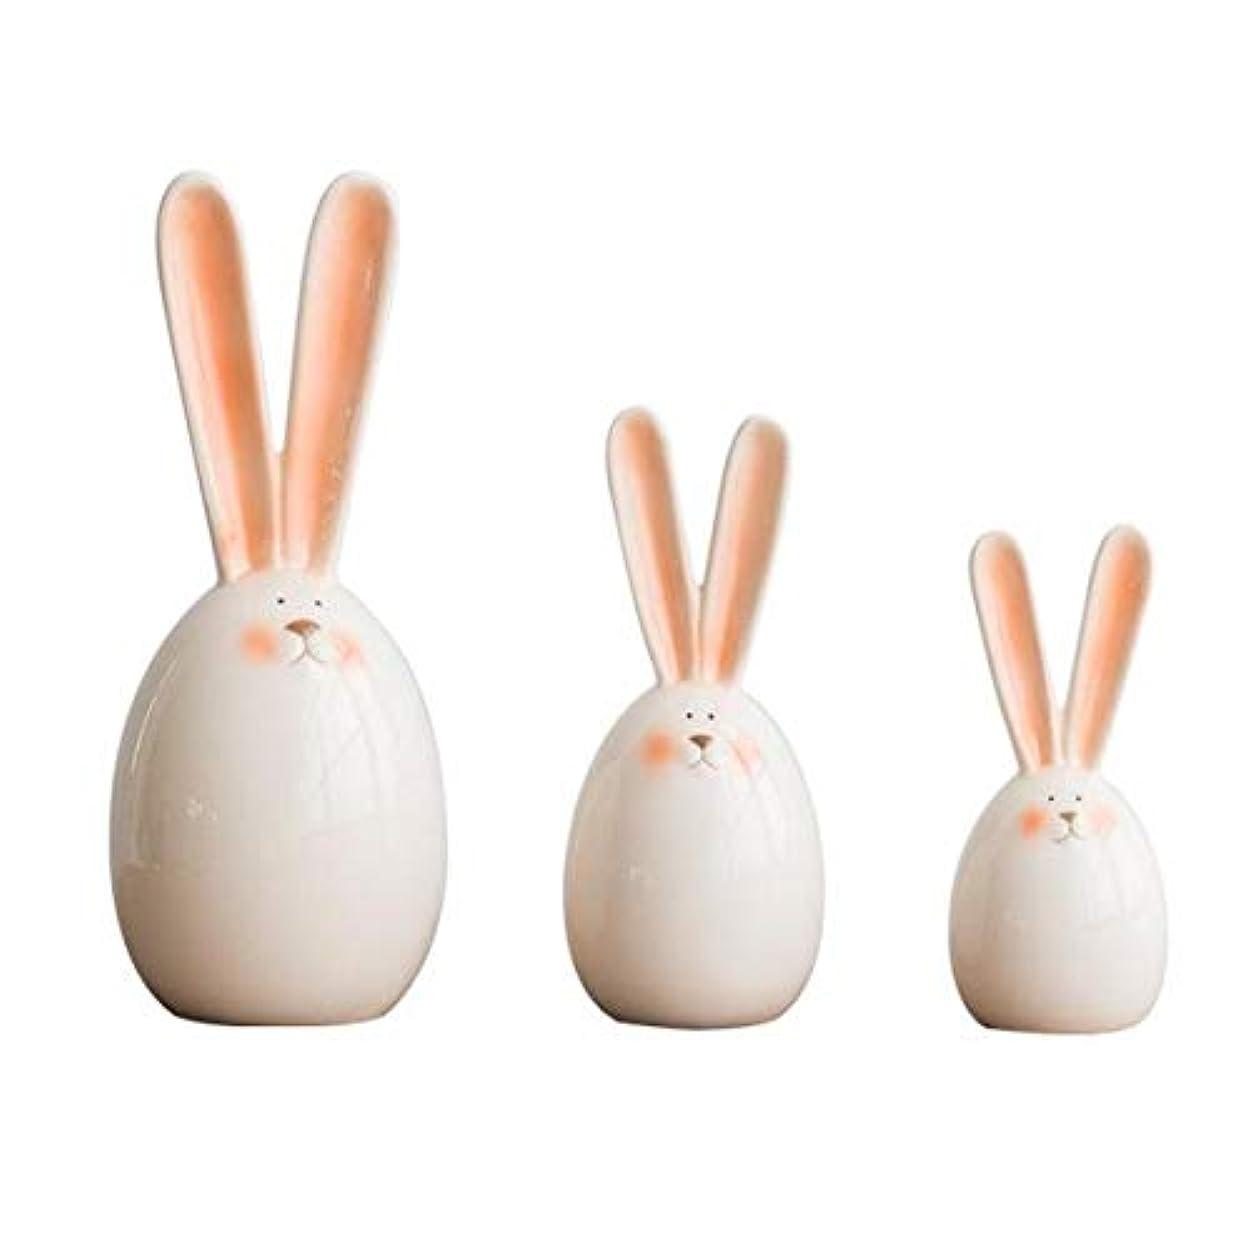 所得忙しいポップQiyuezhuangshi リビングルームワインキャビネットテレビキャビネット漫画の装飾小さな装飾品誕生日プレゼントかわいいセラミックウサギの結婚祝いの表示,美しいホリデーギフト (Style : Rabbit)